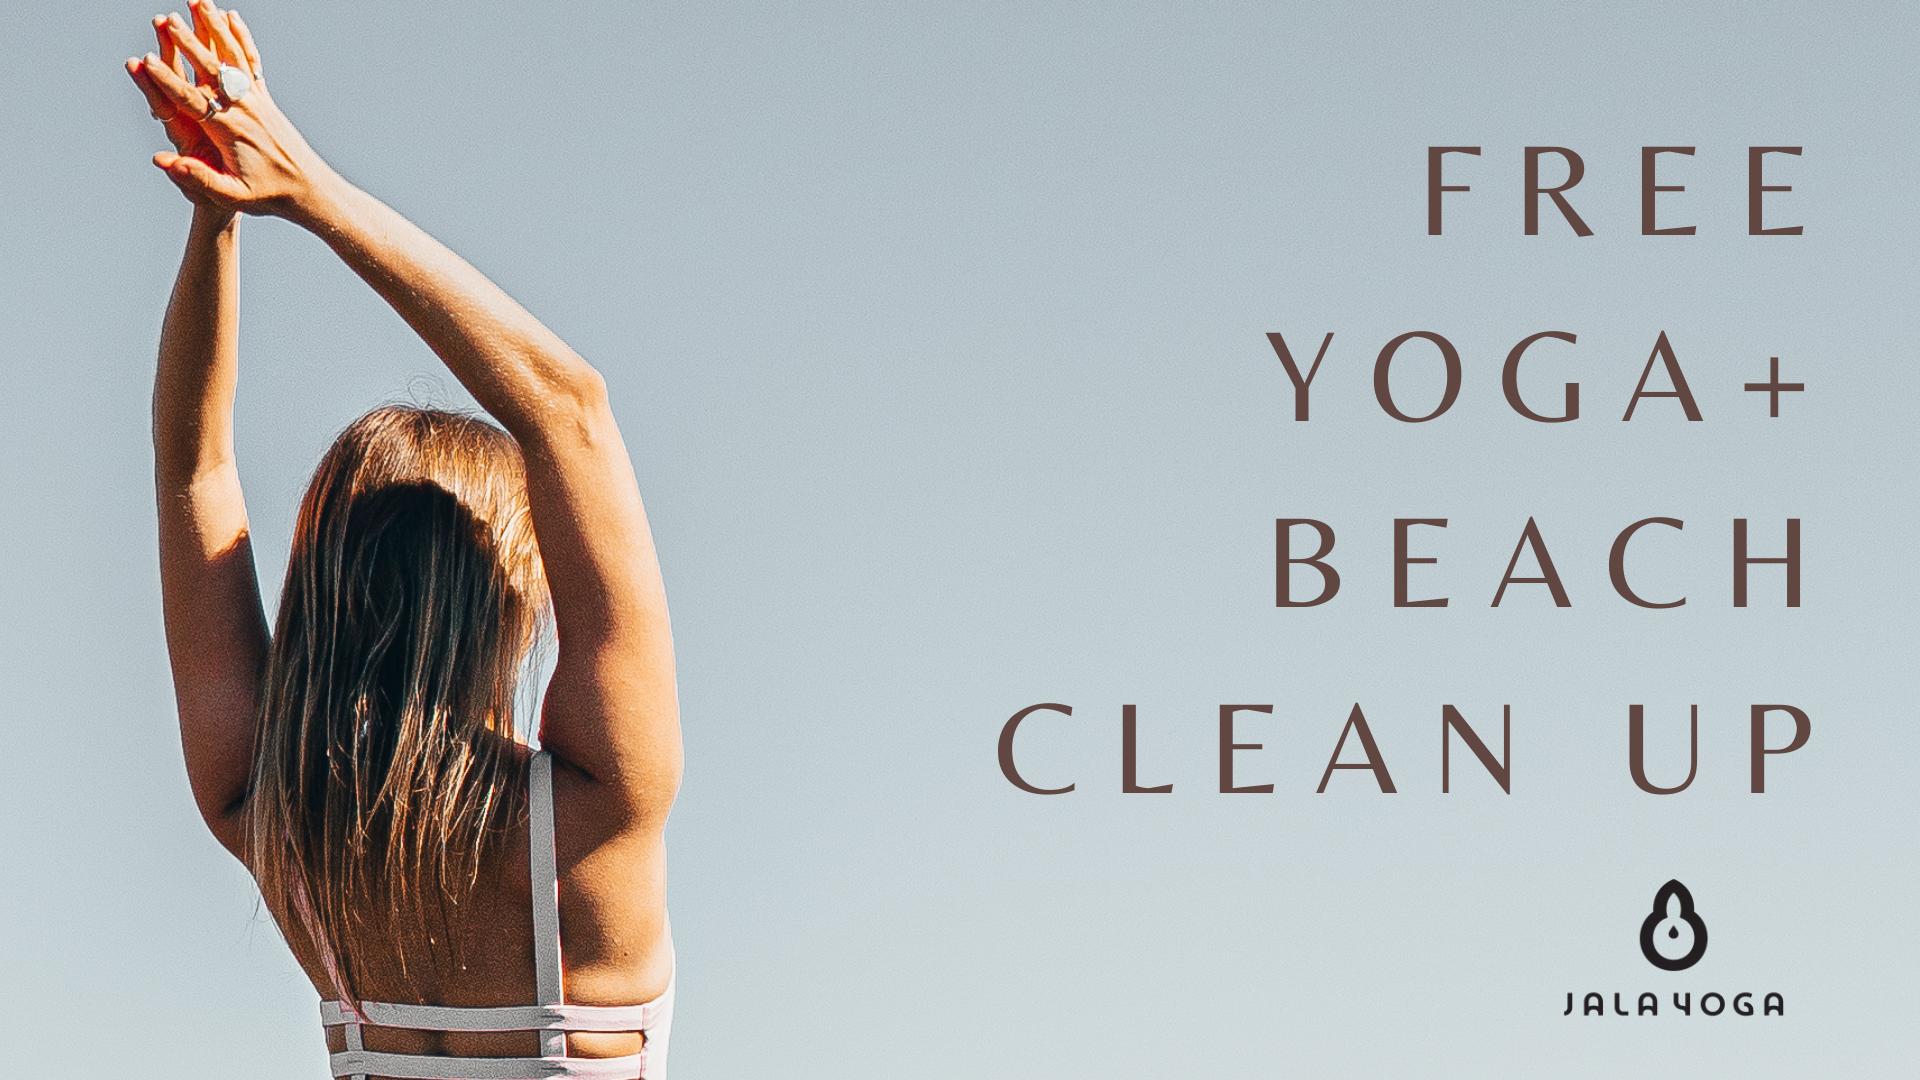 Free Yoga + Beach Clean Up